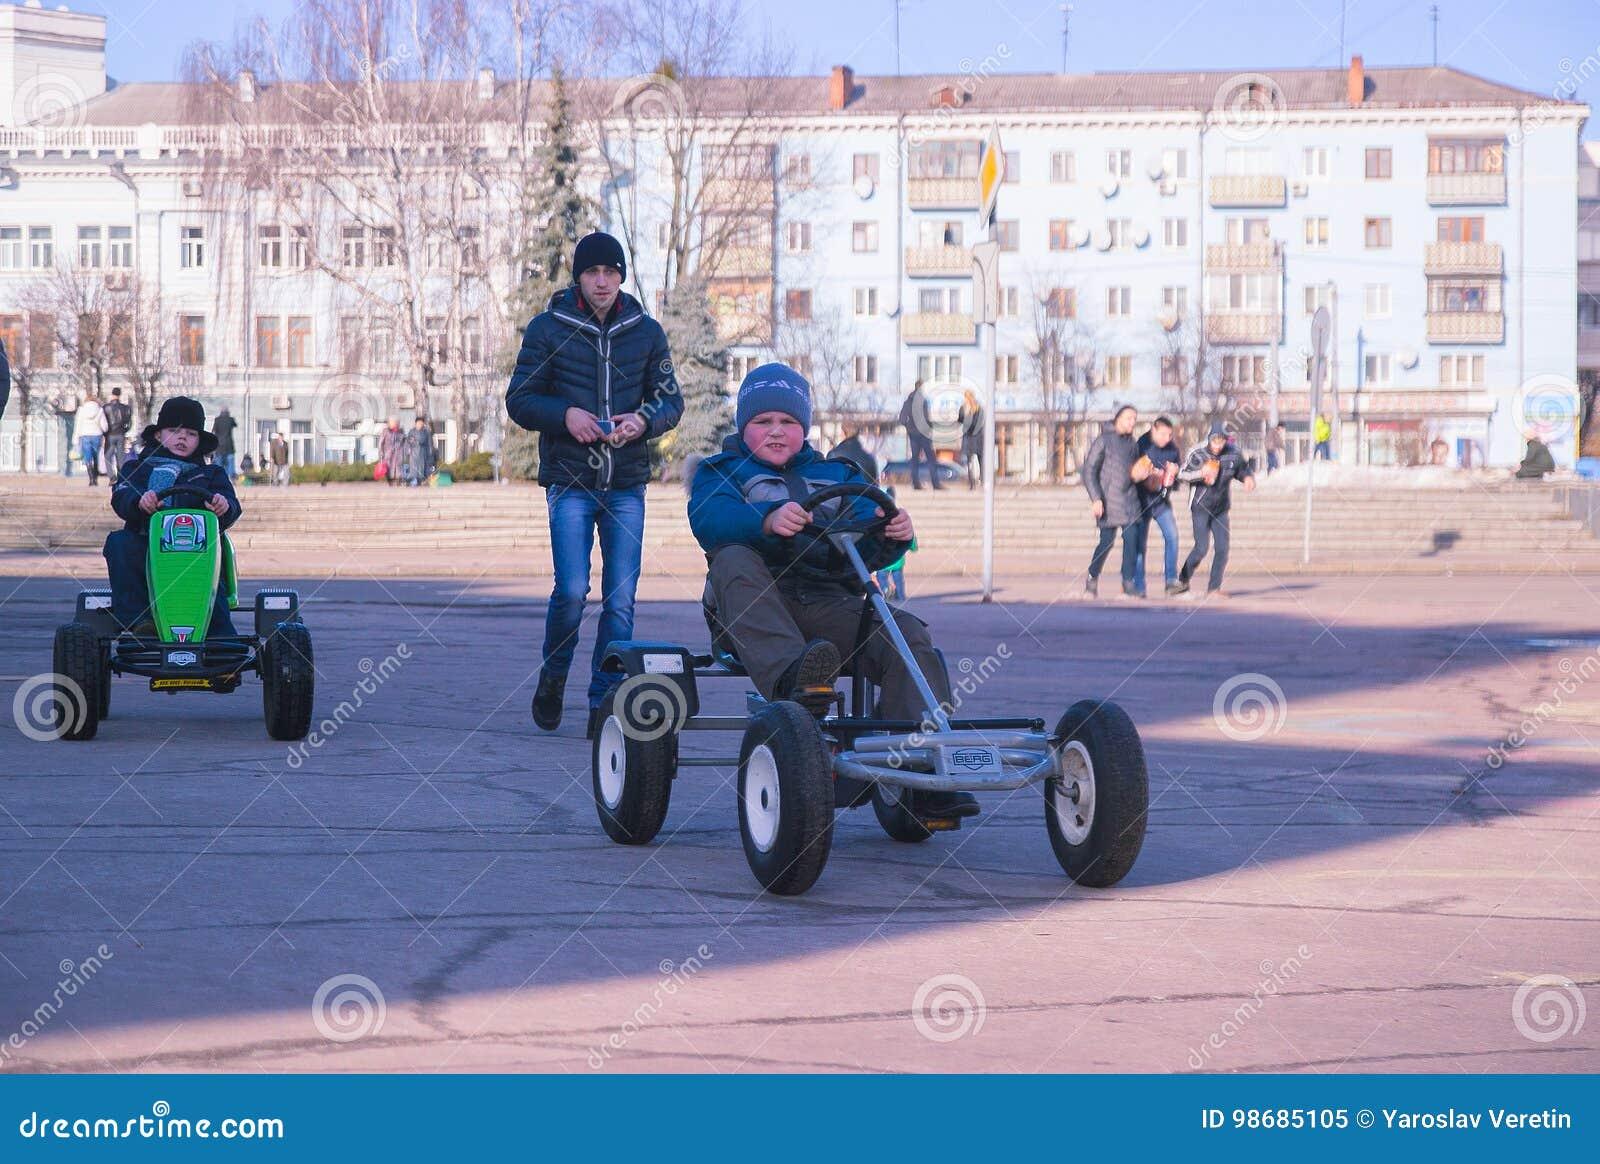 Zhytomyr, Ucrania - 5 de mayo de 2015: Dos muchachos de los niños en ropa colorida y la conducción de los coches del juguete